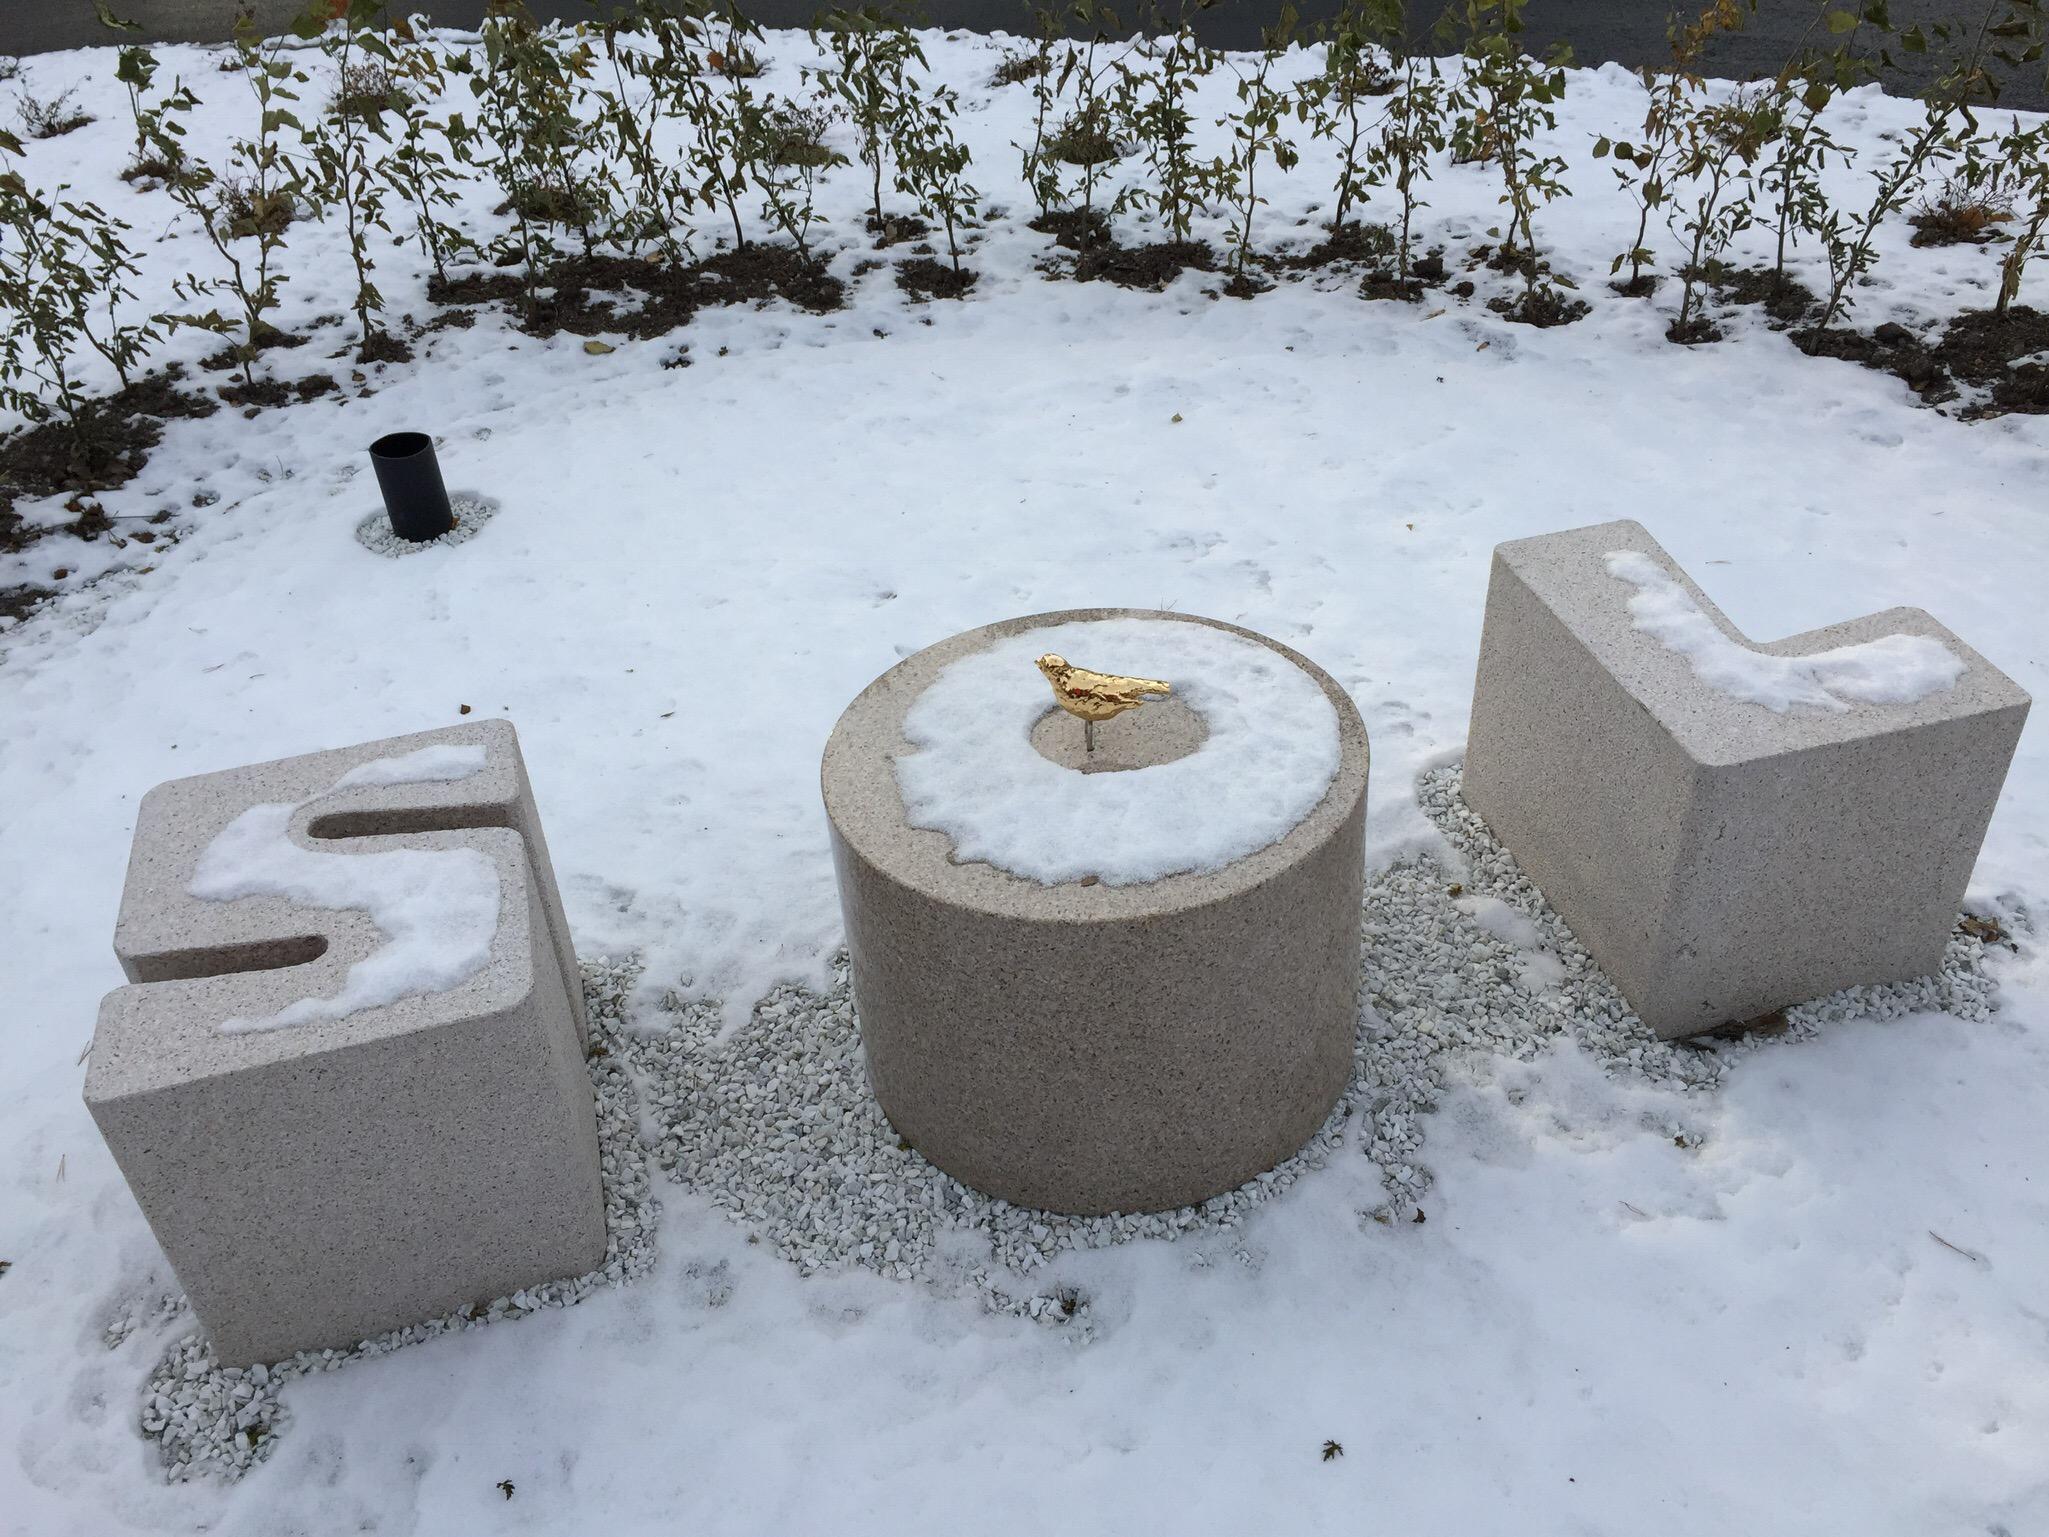 Det lyse rum, her endnu lysere at sneen, med siddepladser af bogstaverne: S, O og L. Midt på O´et sidder en lille gylden fugl.